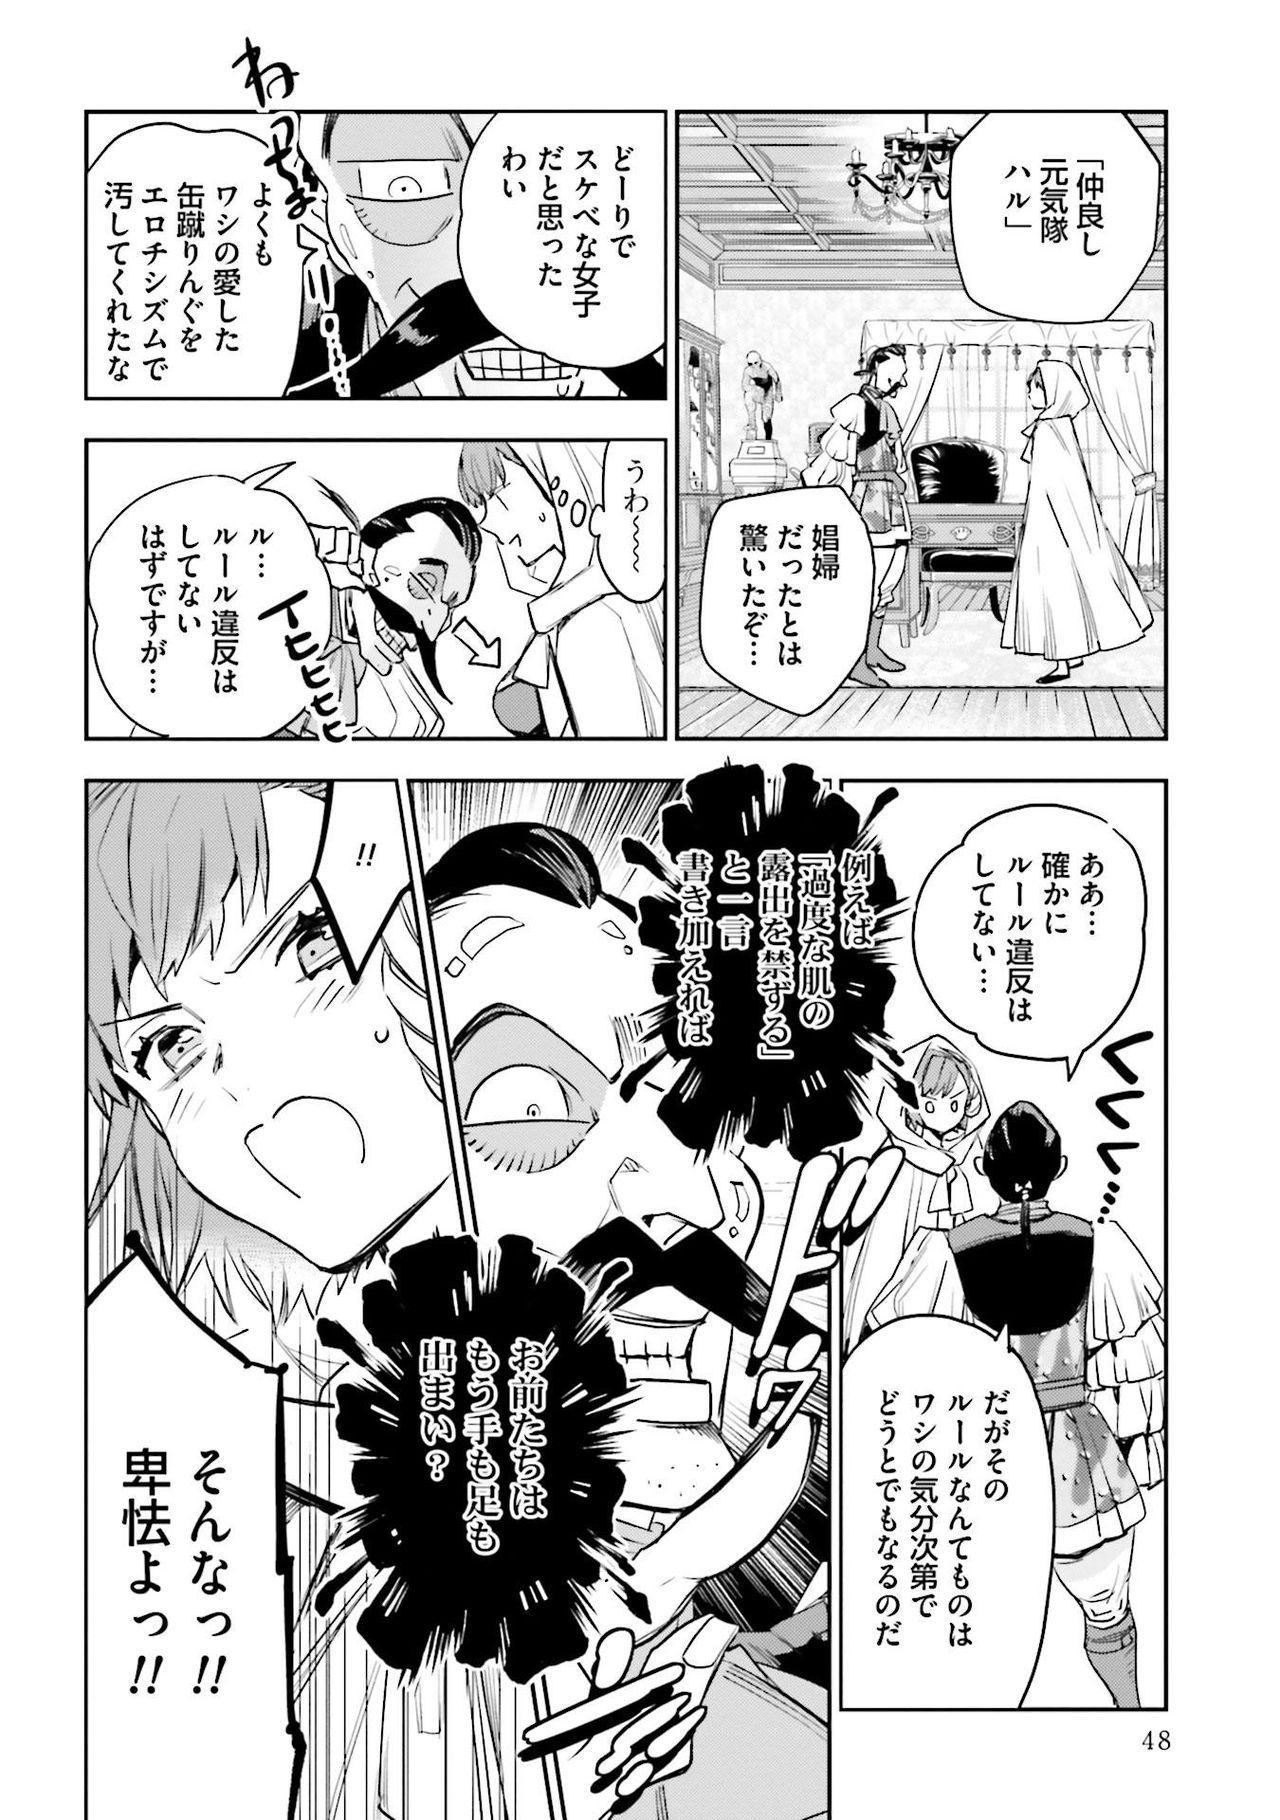 JK Haru wa Isekai de Shoufu ni Natta 1-14 407